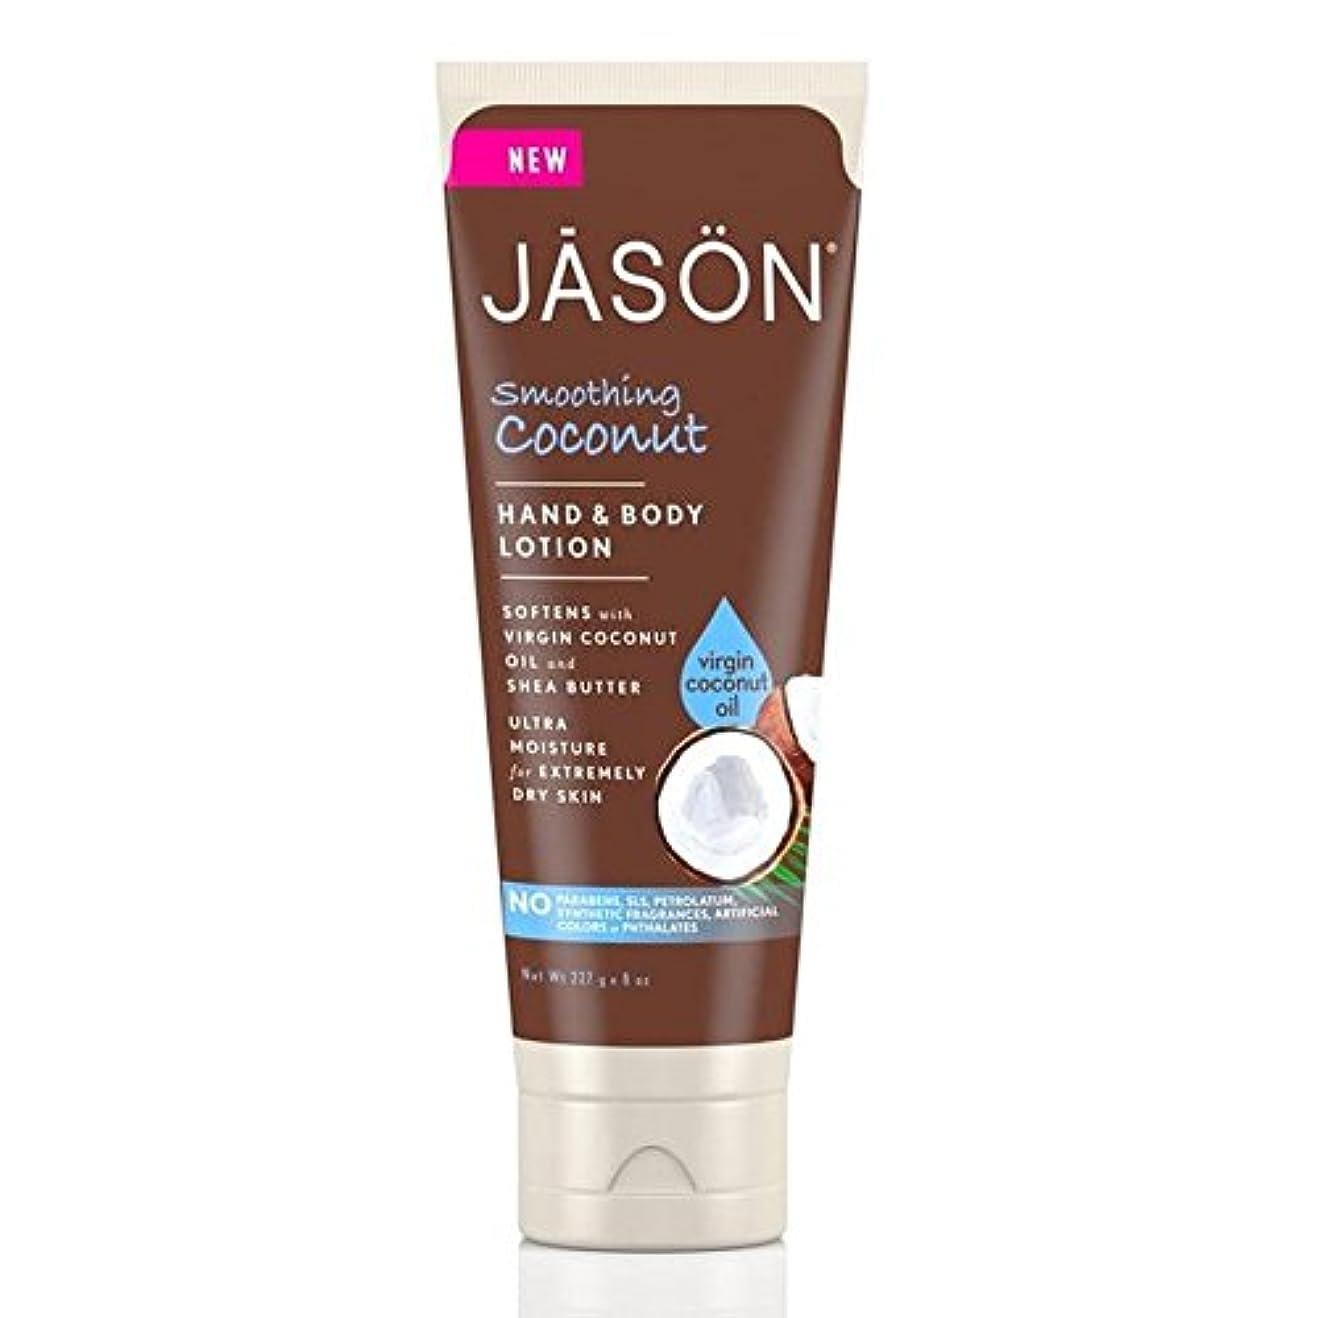 ミネラル許容できる正直Jason Coconut Hand & Body Lotion 227g (Pack of 6) - ジェイソン?ココナッツハンド&ボディローション227グラム x6 [並行輸入品]